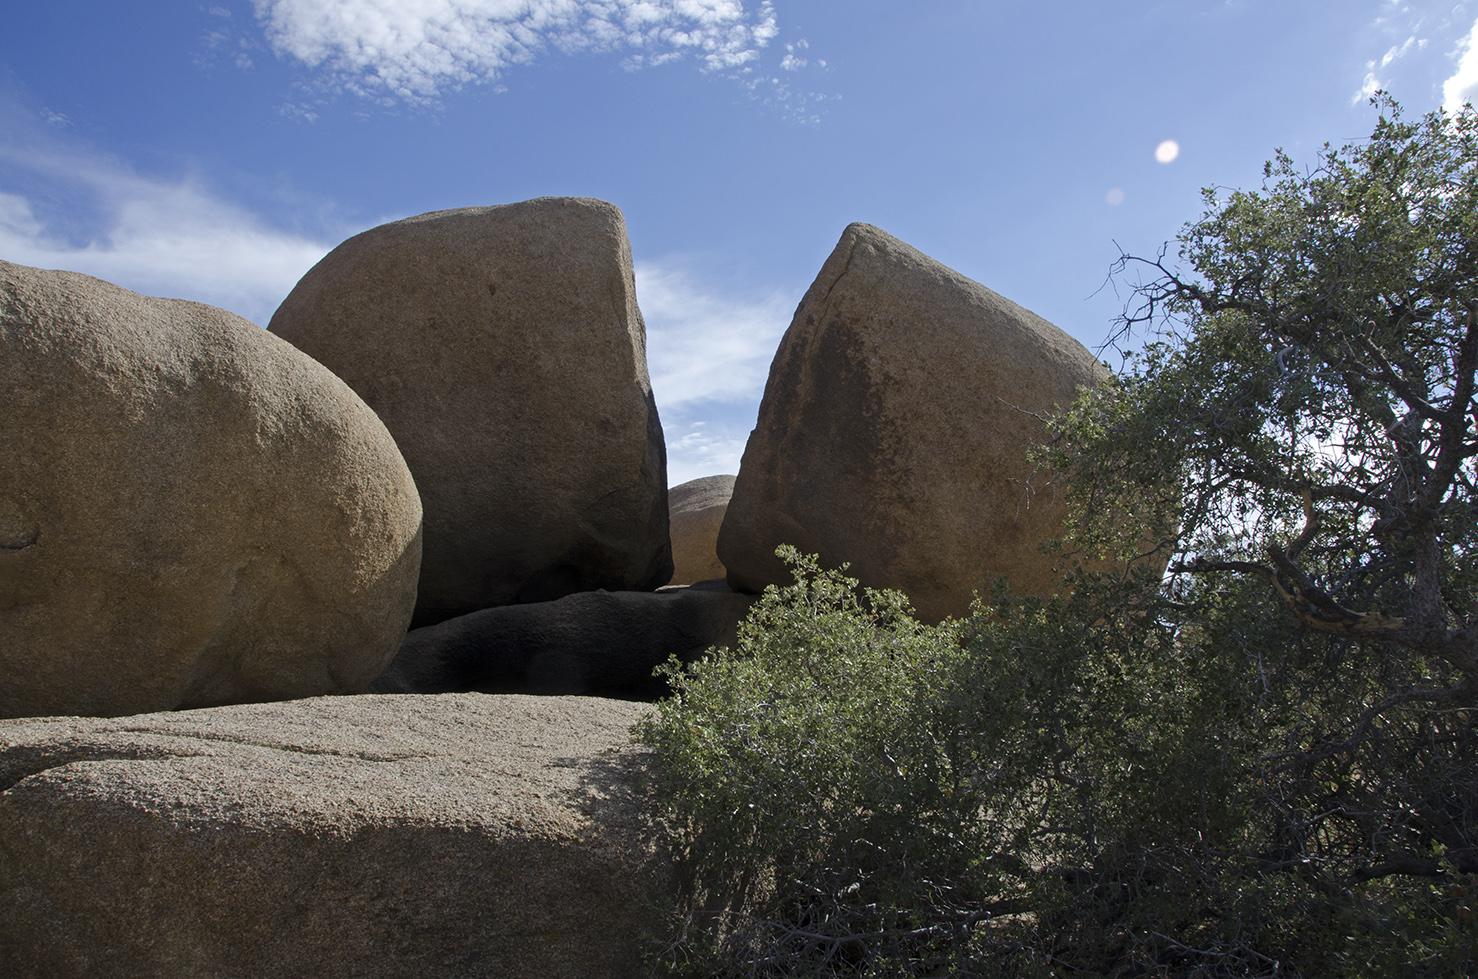 Split Loaf Rock